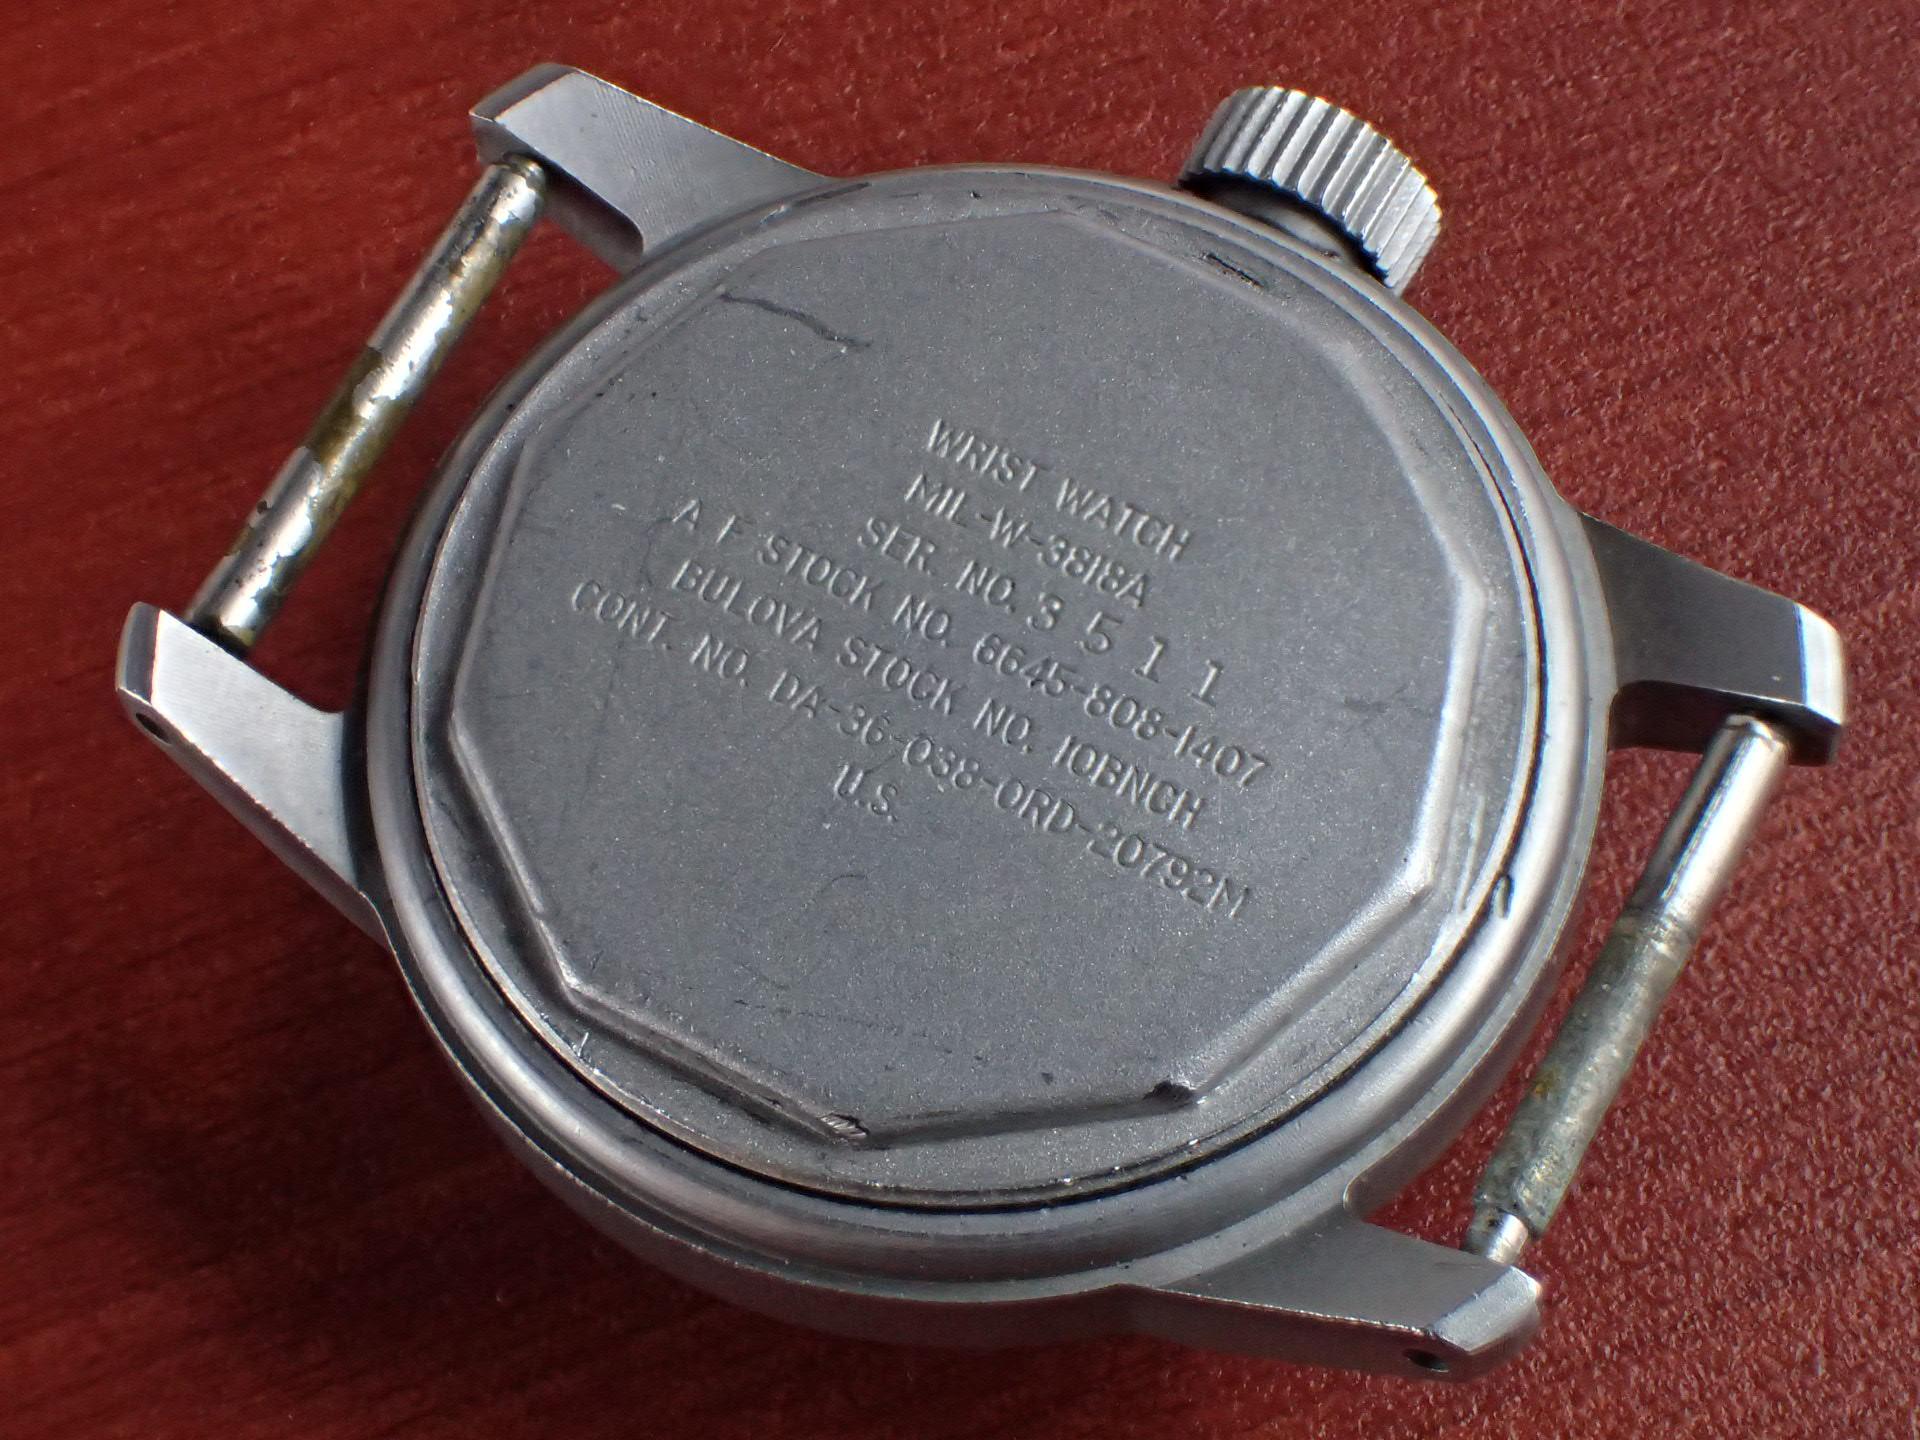 ブローバ ミリタリー 米軍 MIL-W-3818A 1960年代の写真4枚目